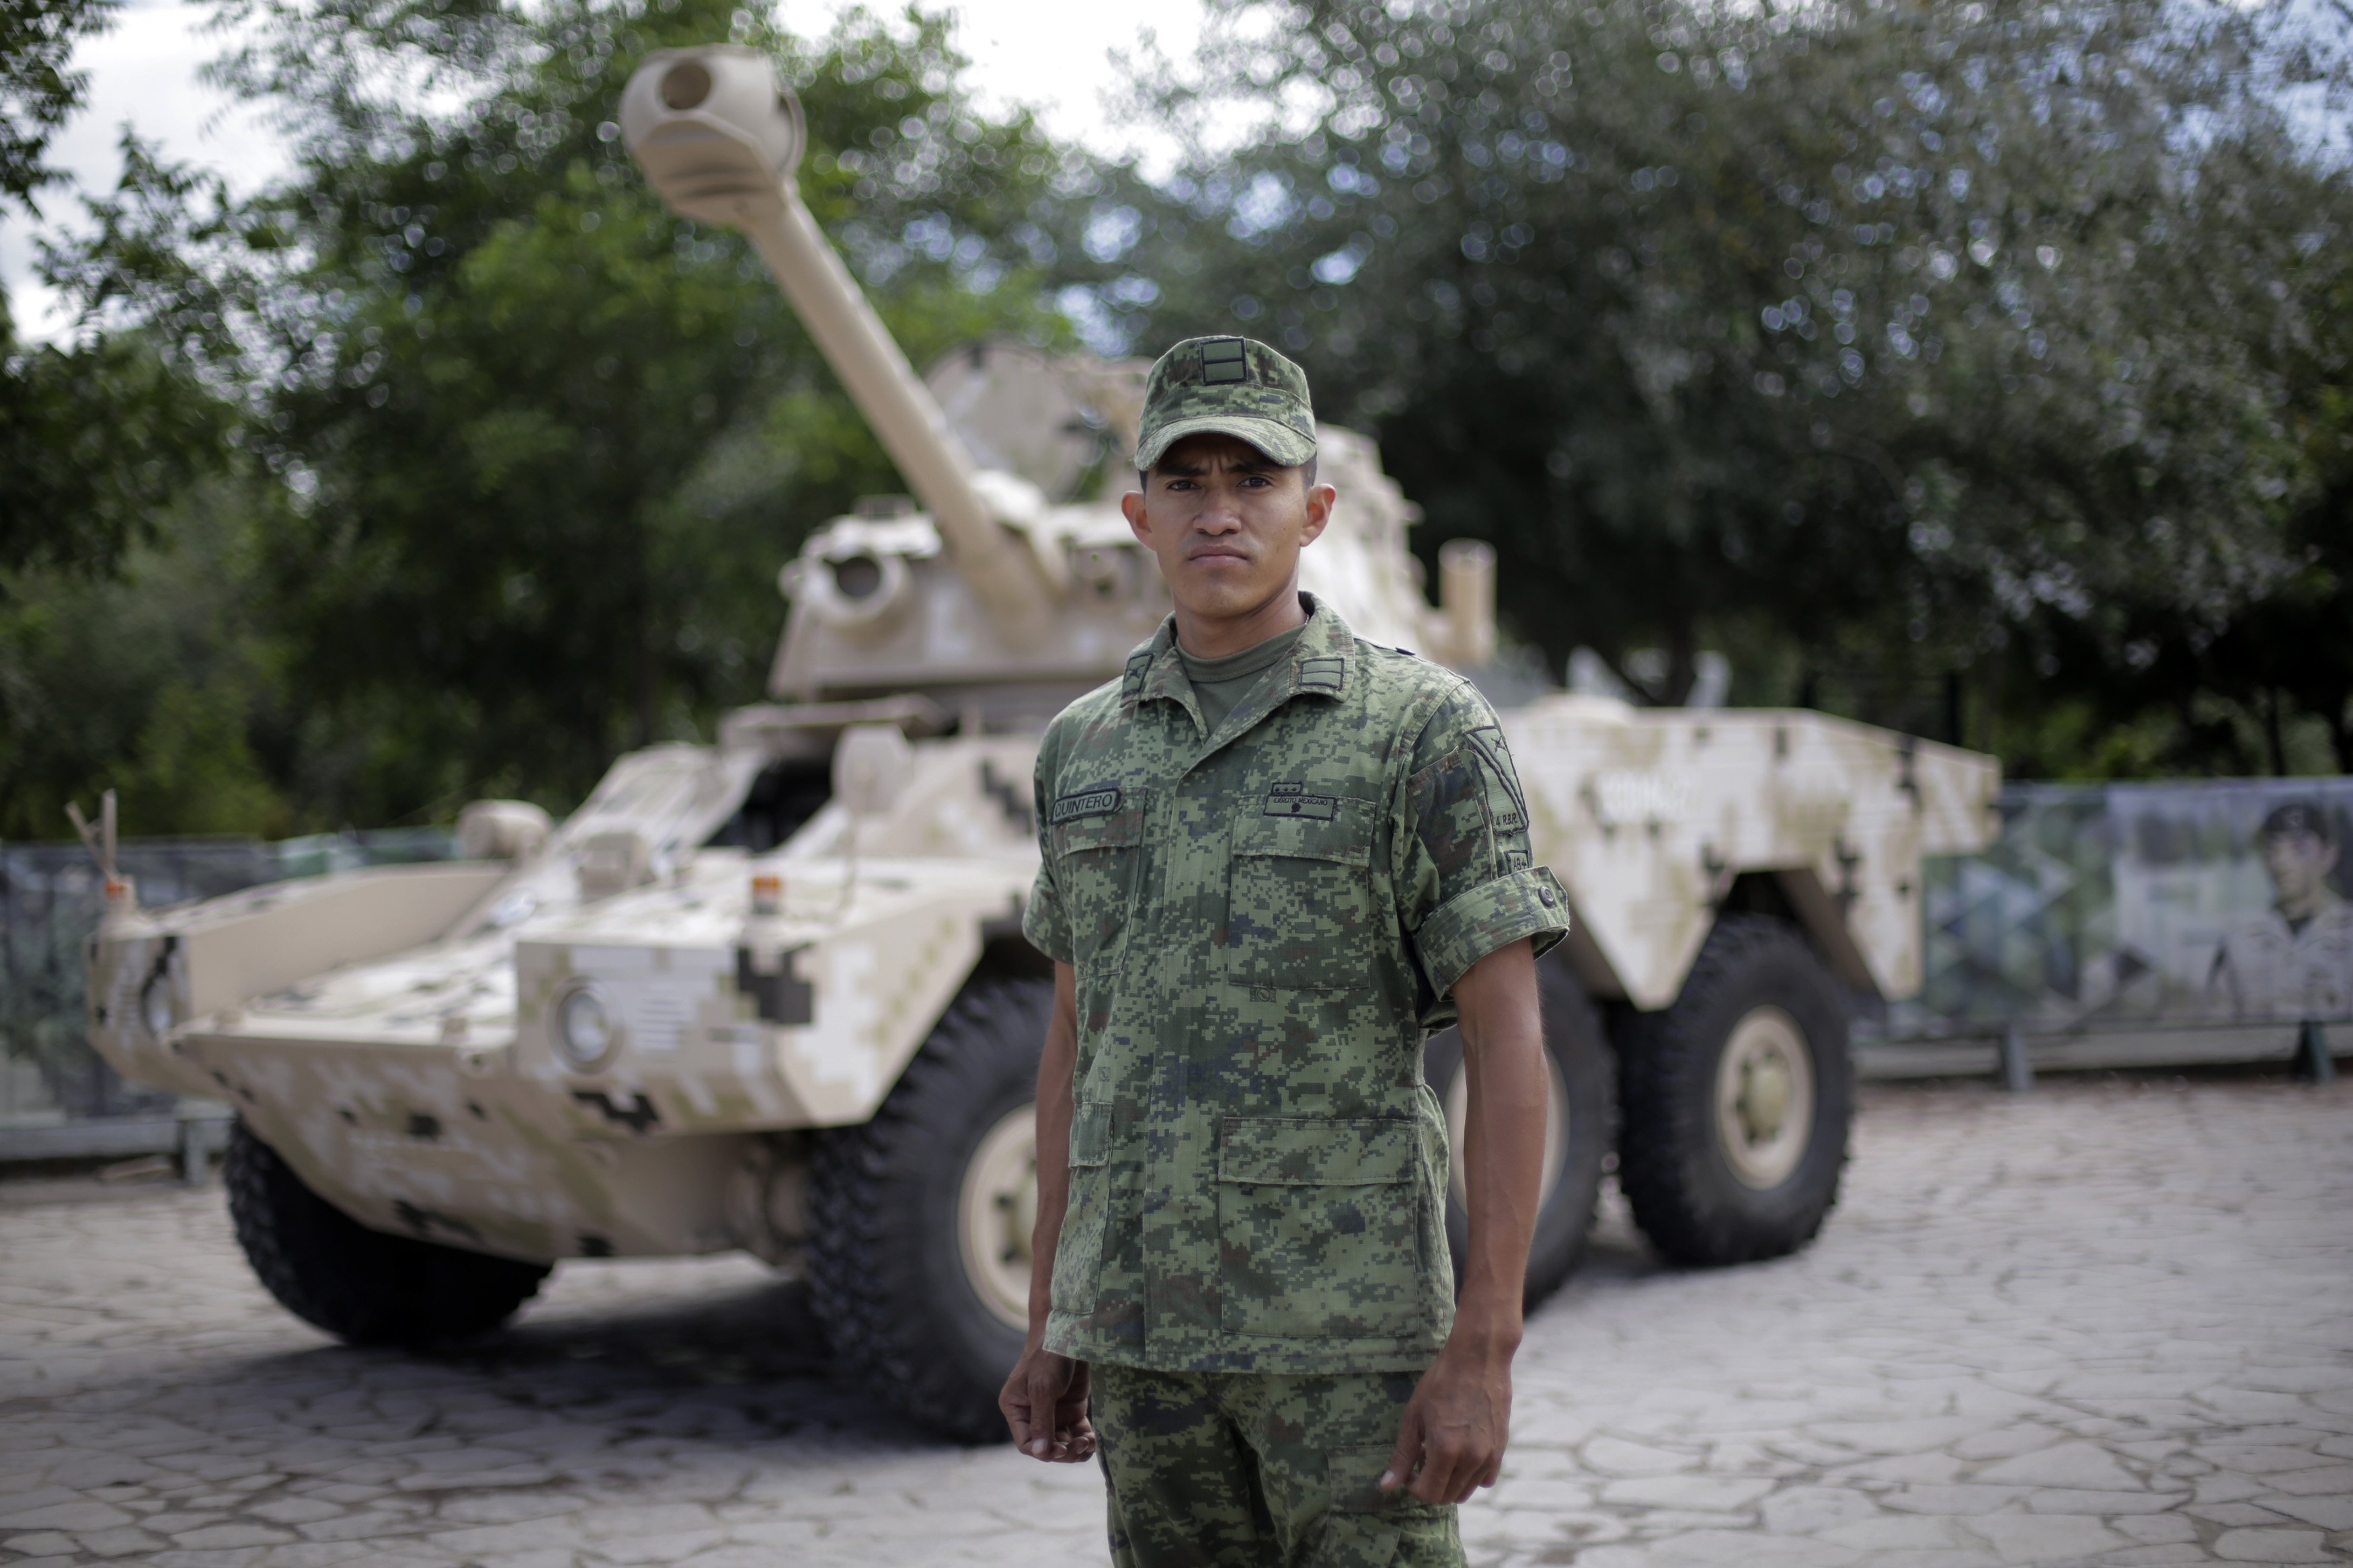 Soldado frente a un tanque militar en la exposición La Gran Fuerza de México